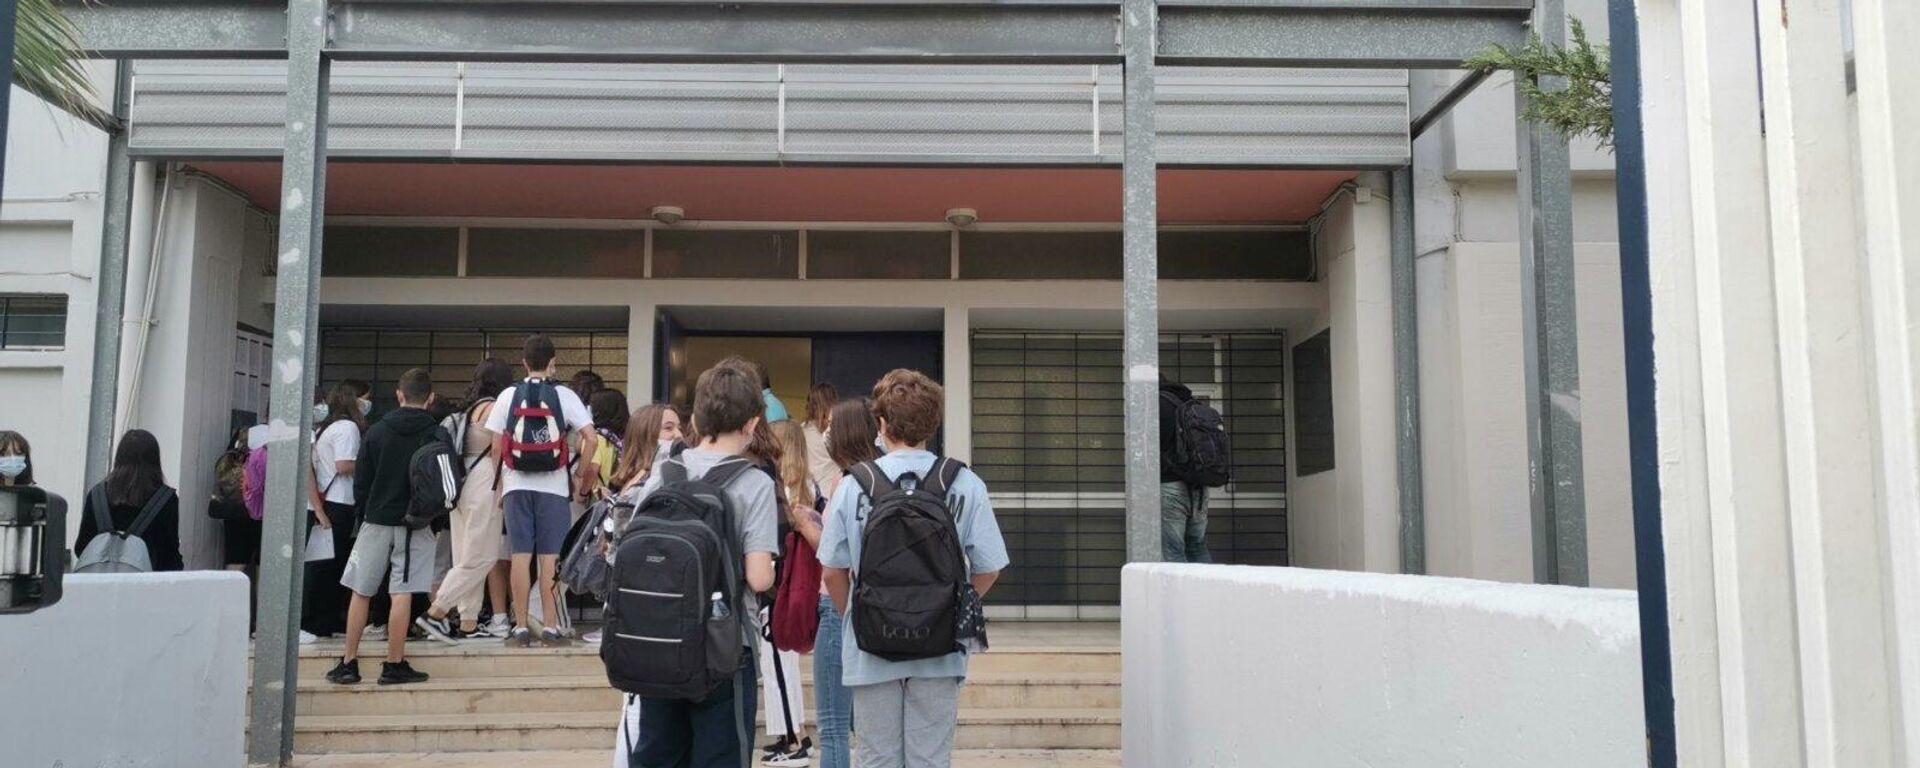 Άνοιξαν τα σχολεία με μέτρα για τους μαθητές και τους καθηγητές - Sputnik Ελλάδα, 1920, 15.09.2021